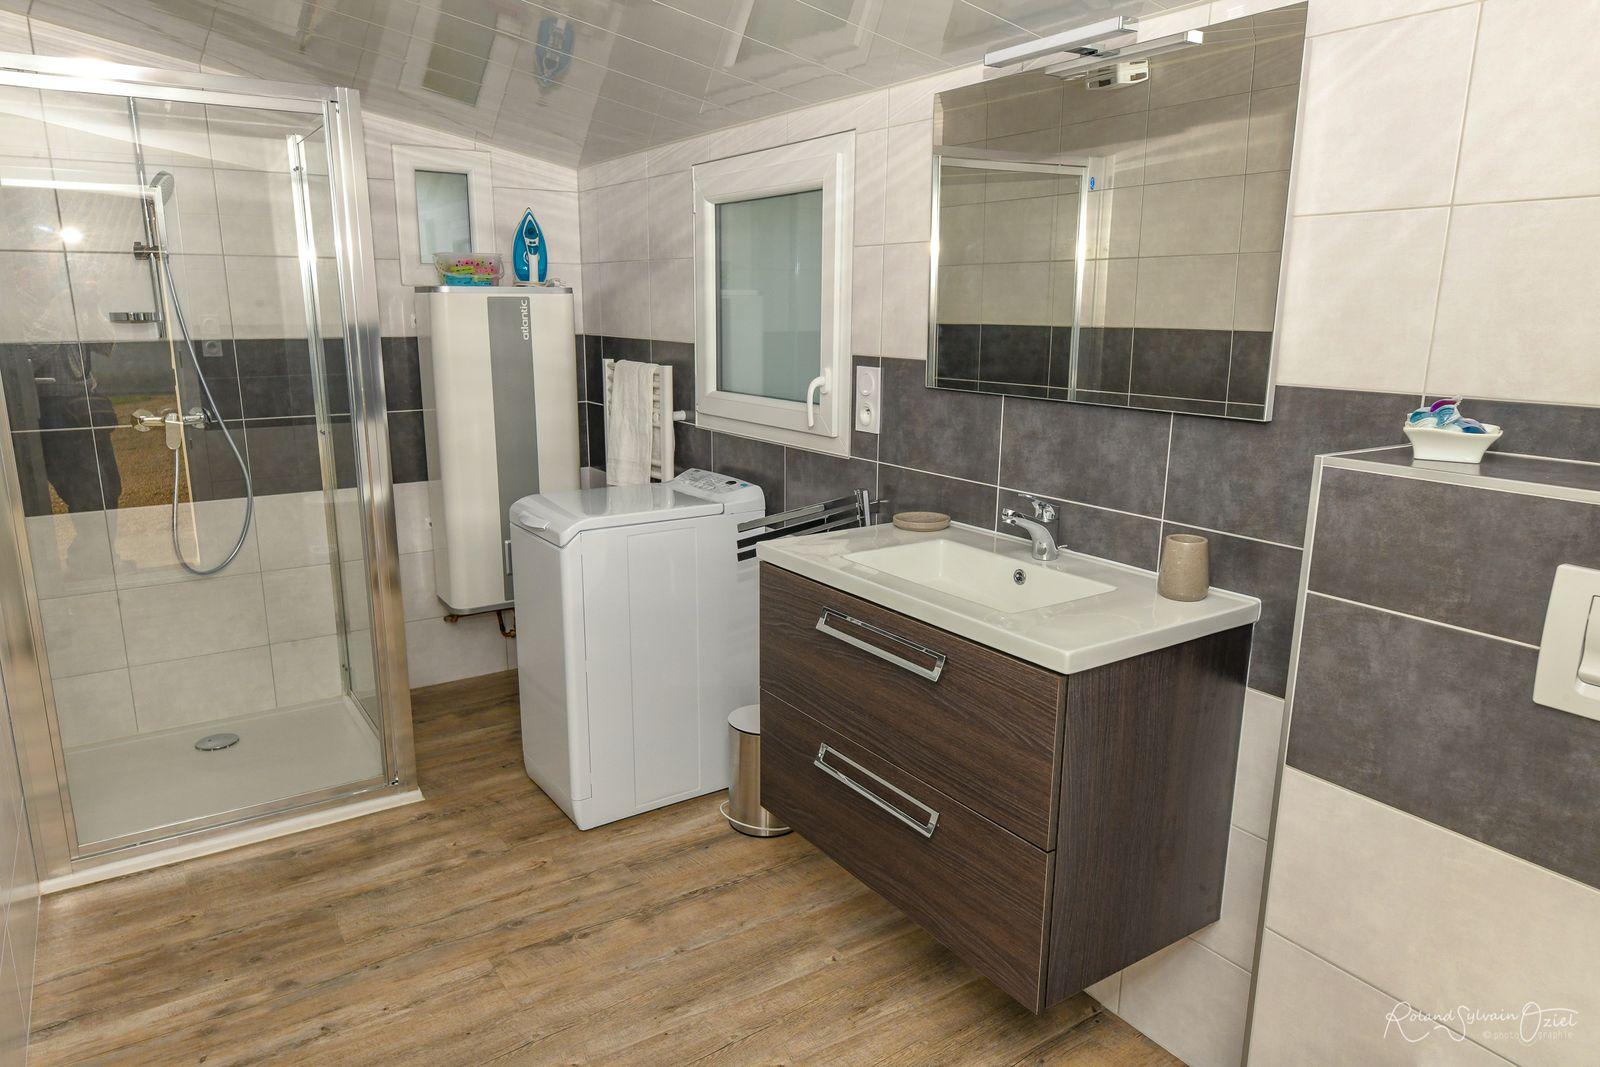 Salle d'eau avec lave-linge, lessive, sèche-cheveux, trousse de secours, papier toilette à disposition.